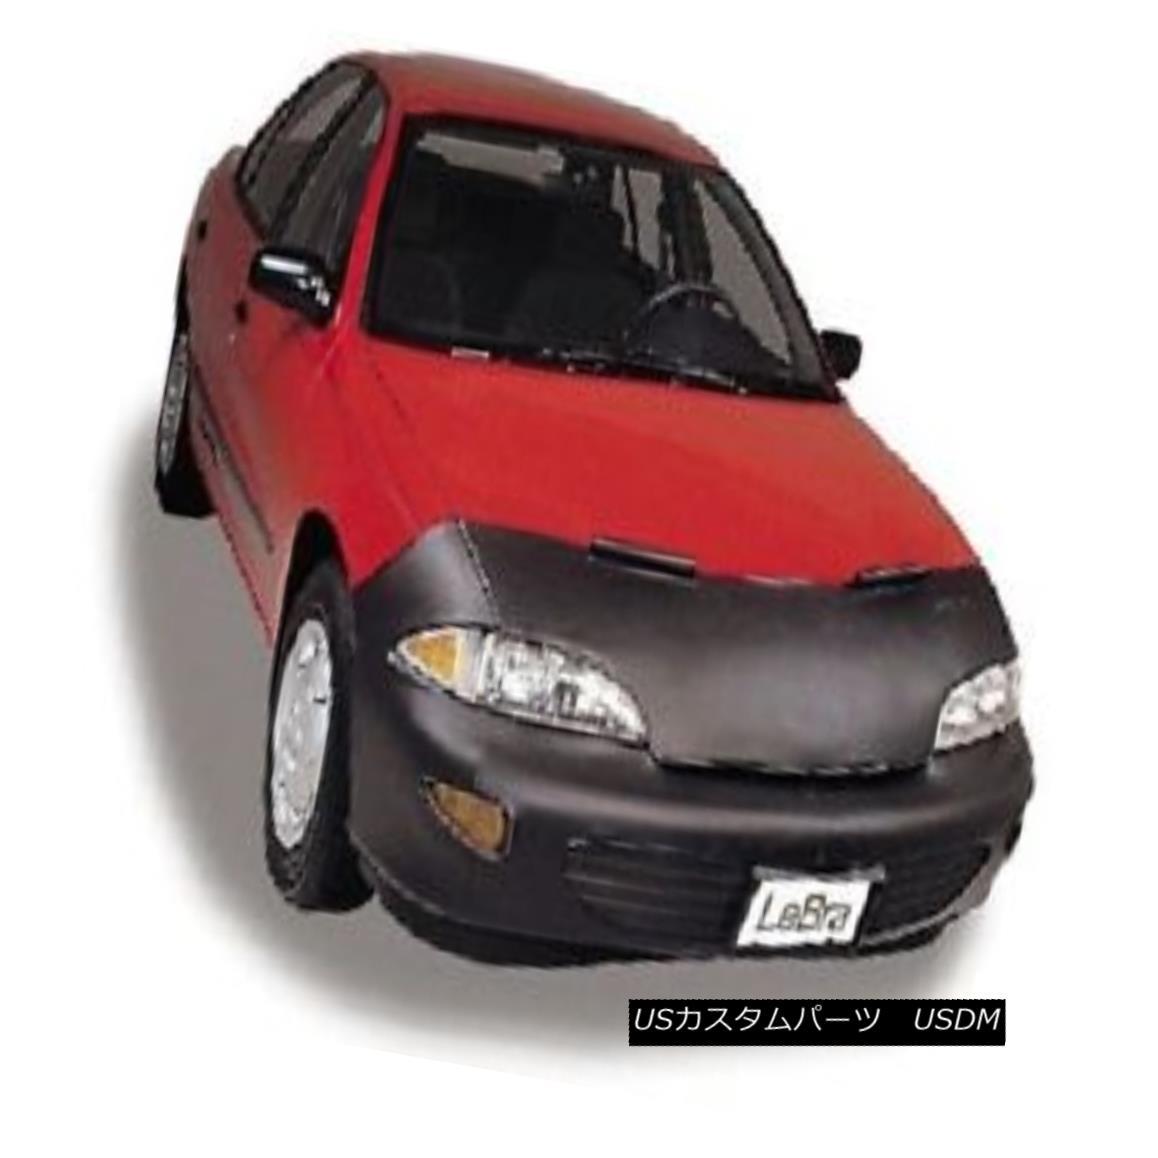 フルブラ ノーズブラ Lebra Front End Mask Cover Bra Fits 1995-1997 Hyundai Accent 4 Door Lebraフロントエンドマスクカバーブラフィット1995-1997 Hyundai Accent 4 Door